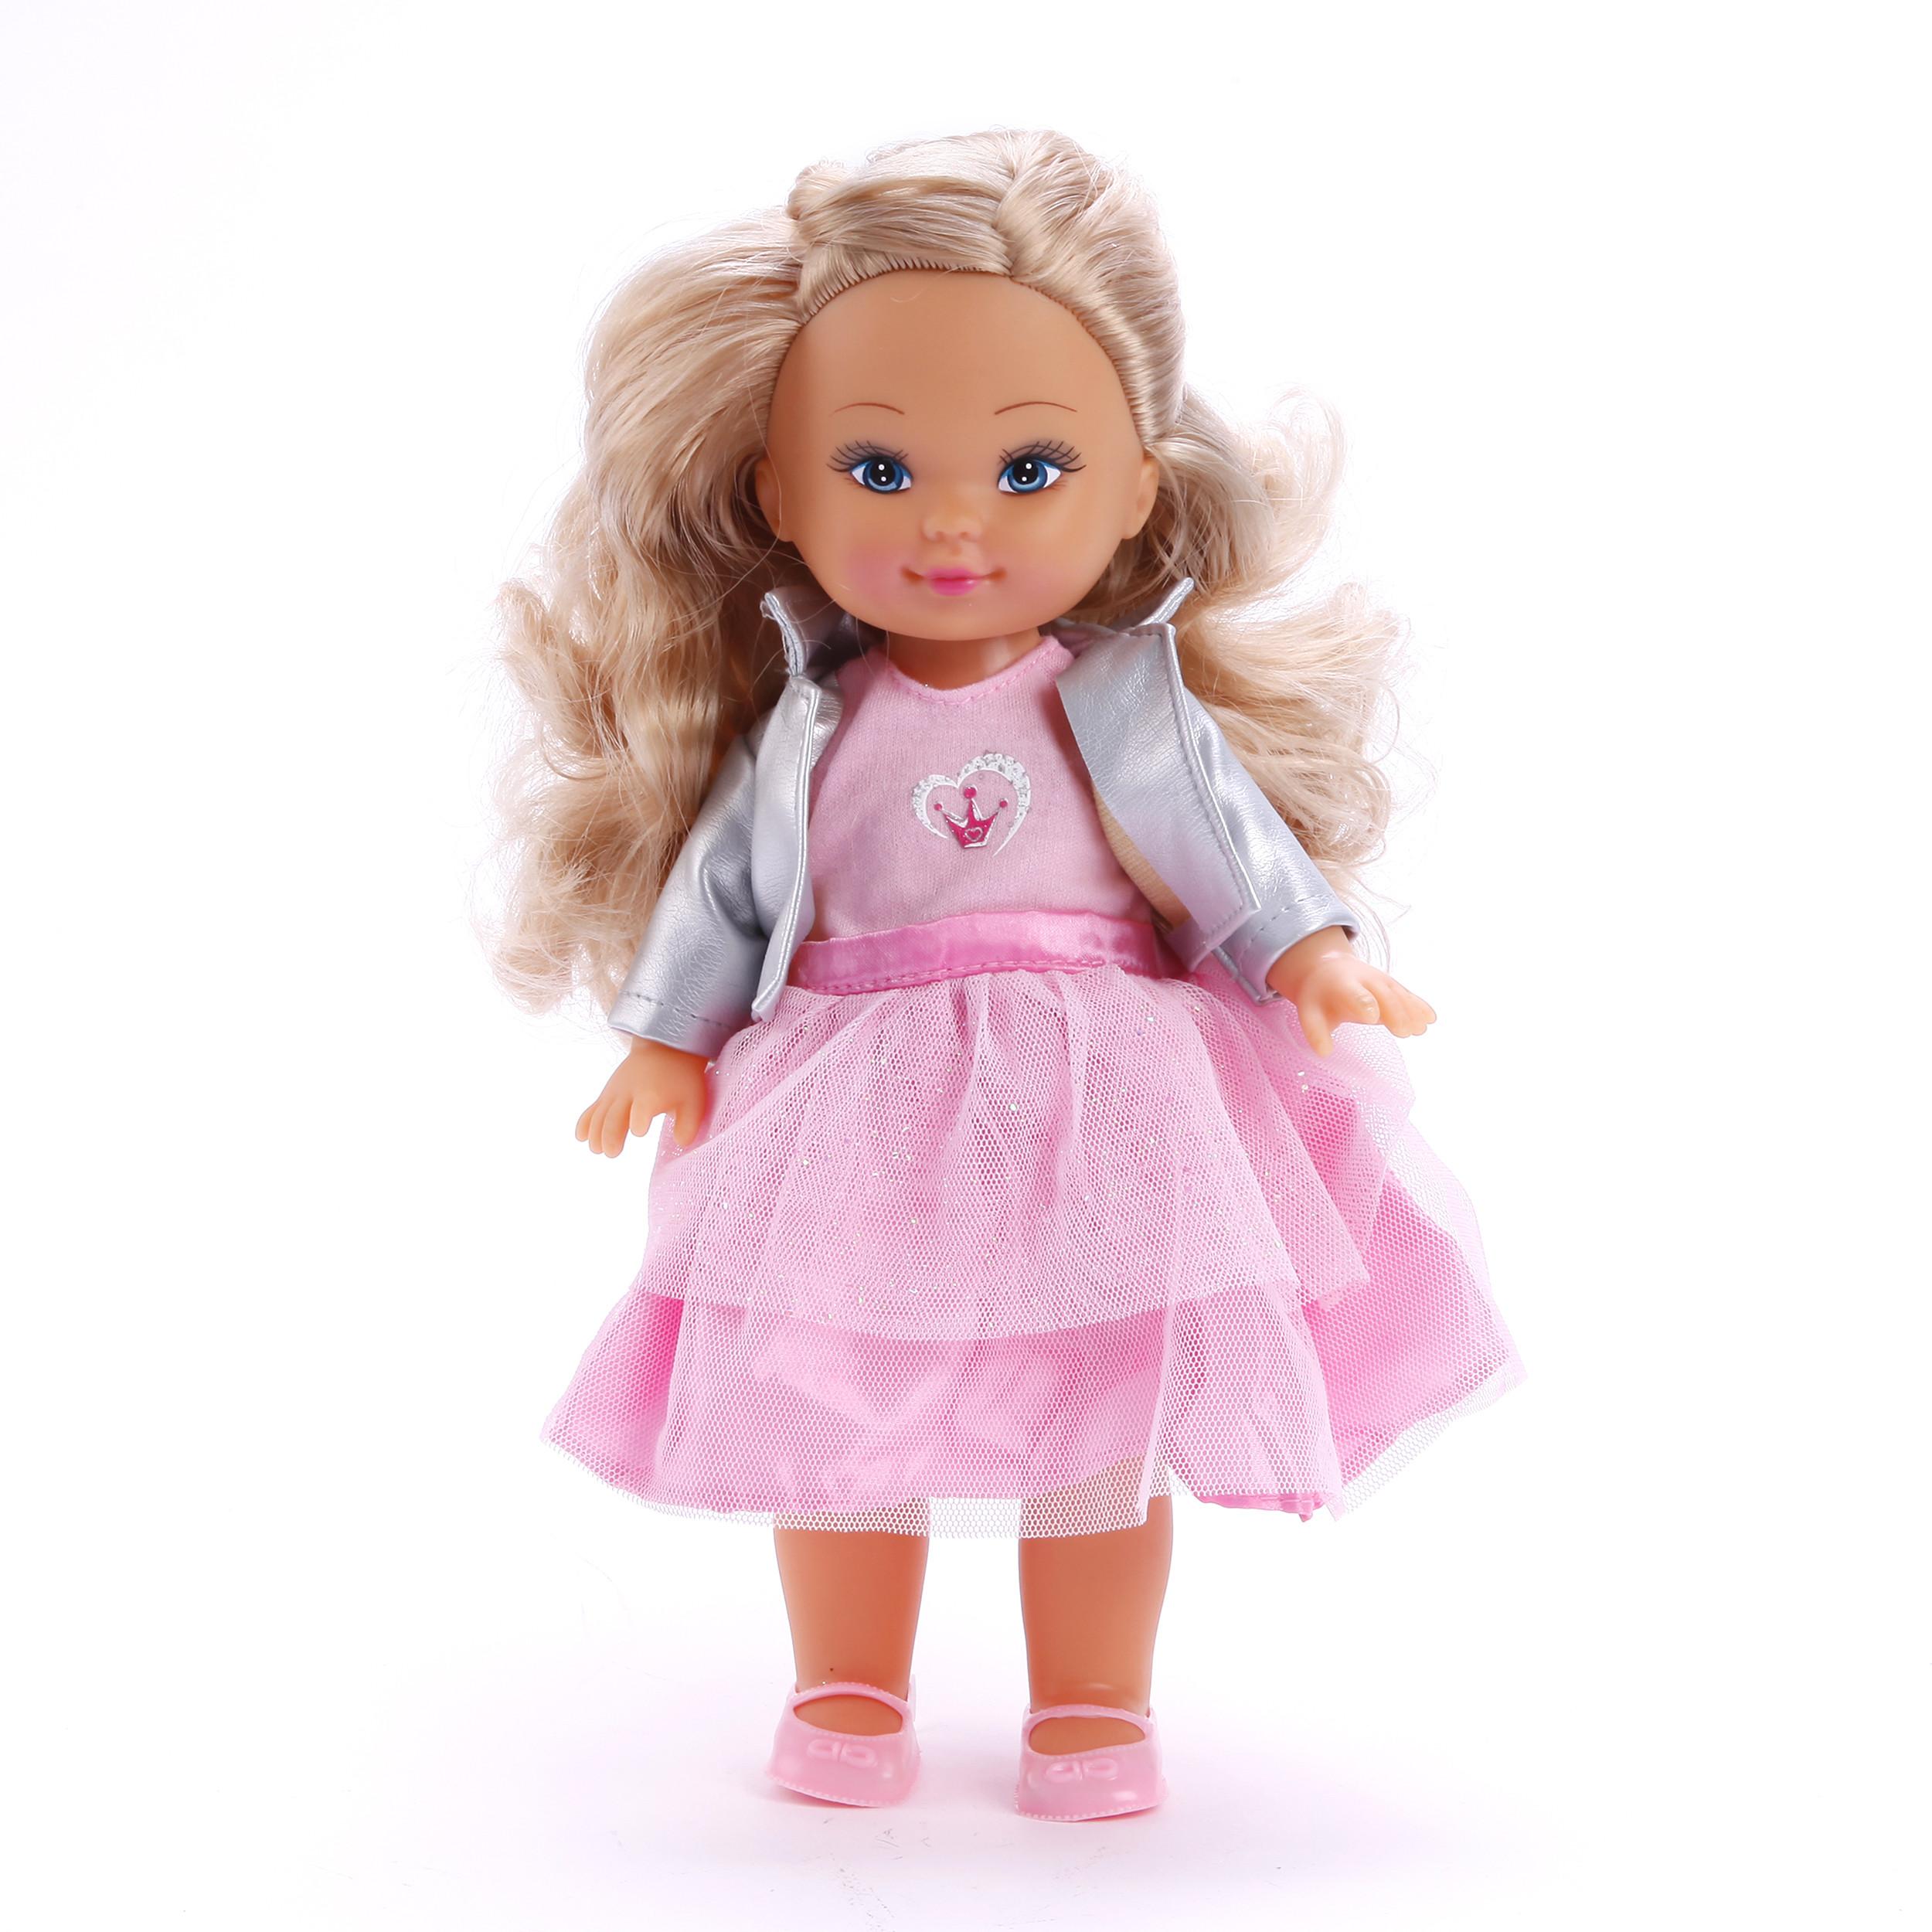 Кукла Mary Poppins Мой милый пушистик 451236 mary poppins mary poppins кукла мой милый пушистик элиза енот